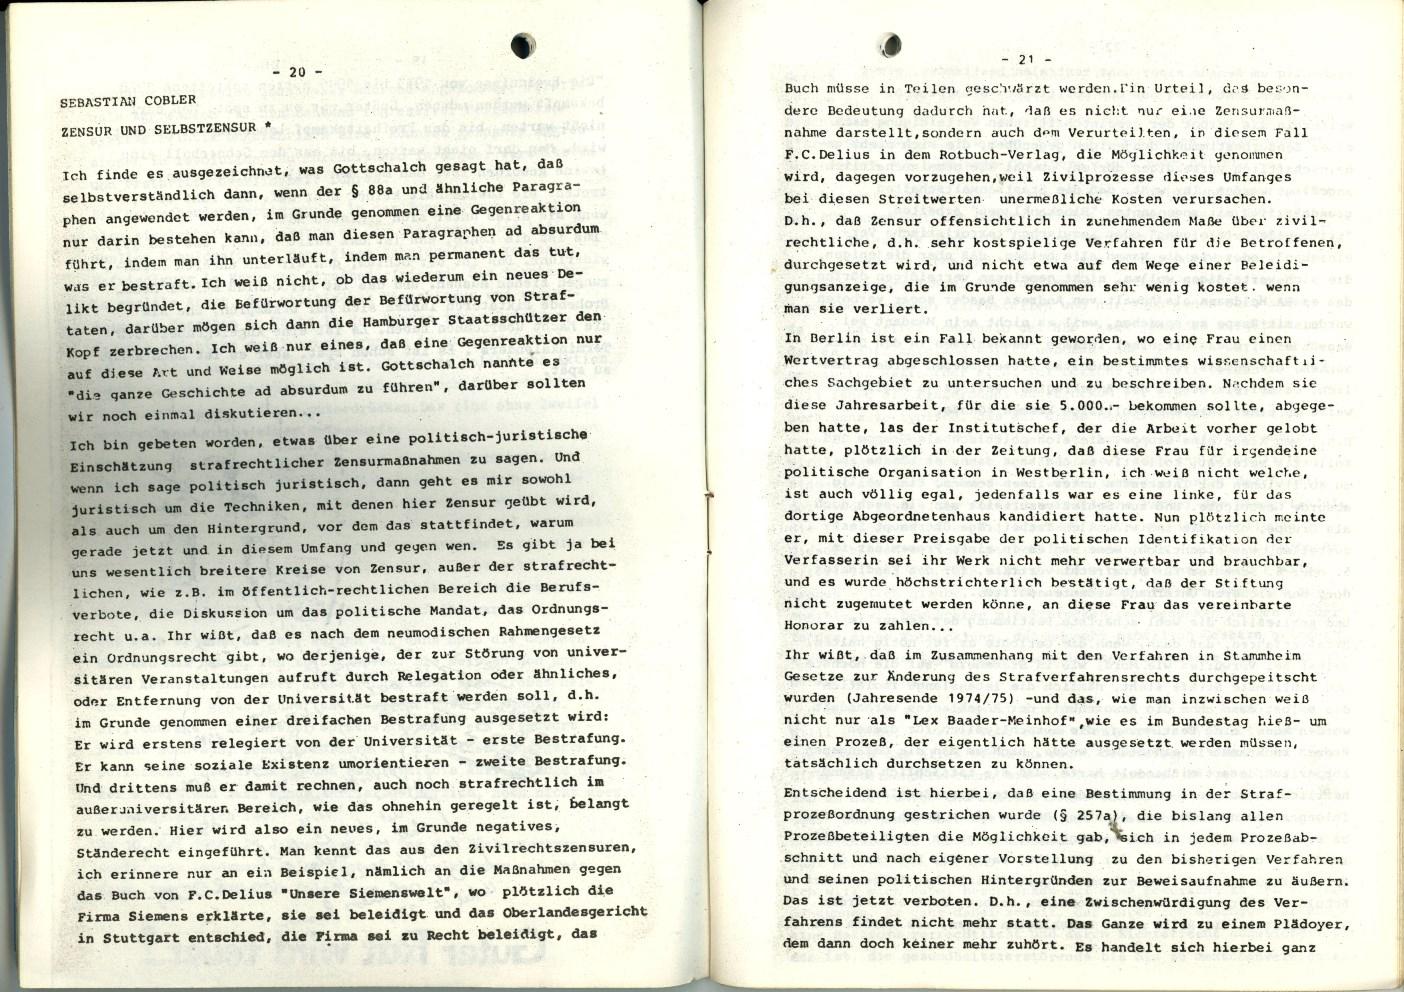 Hamburg_Vorbereitungsgruppe_Russell_Tribunal_Zensur_1978_11